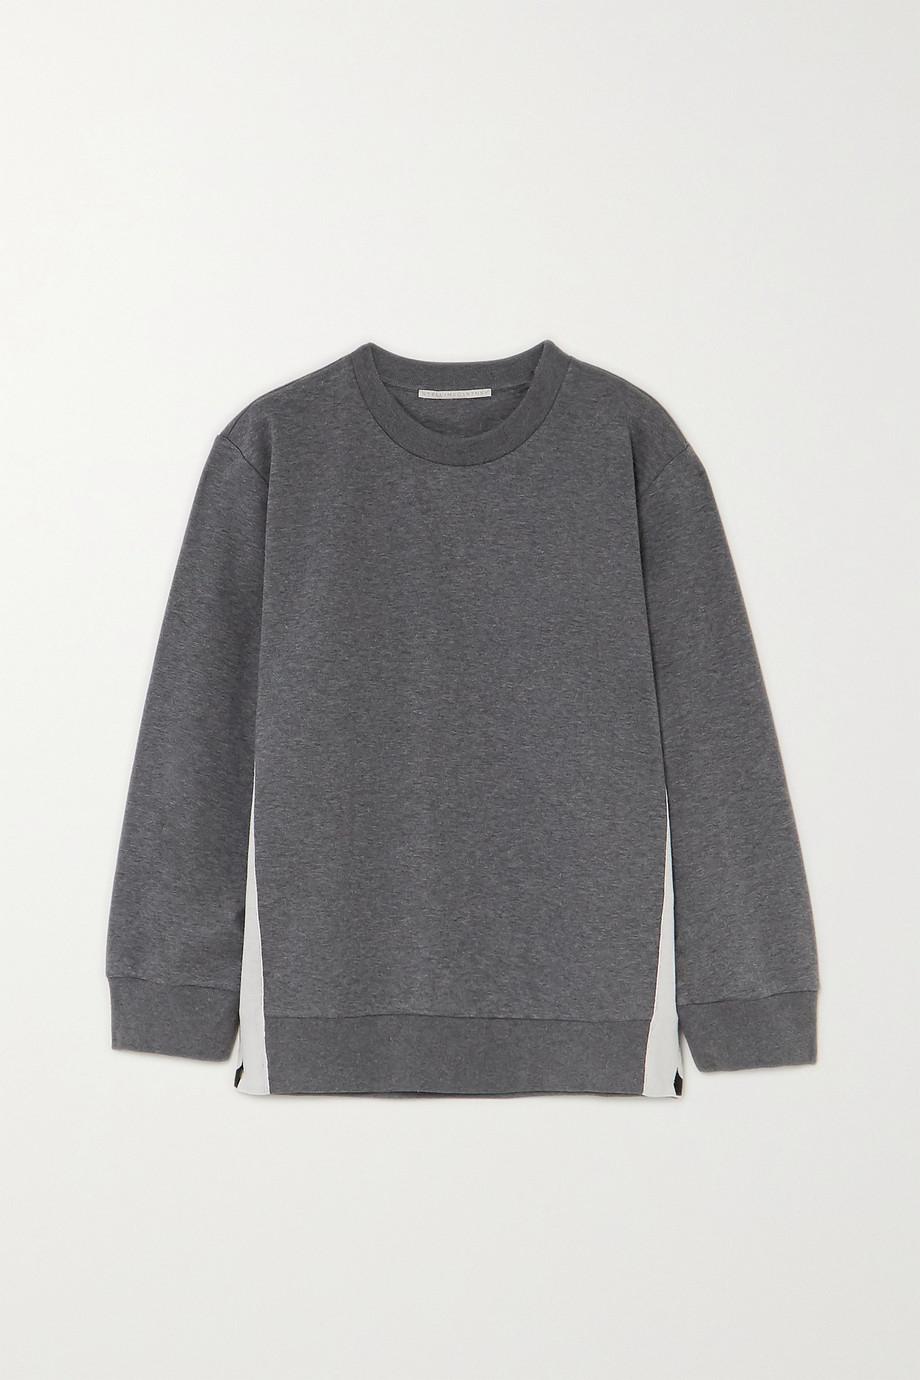 Stella McCartney Paneled jersey sweatshirt